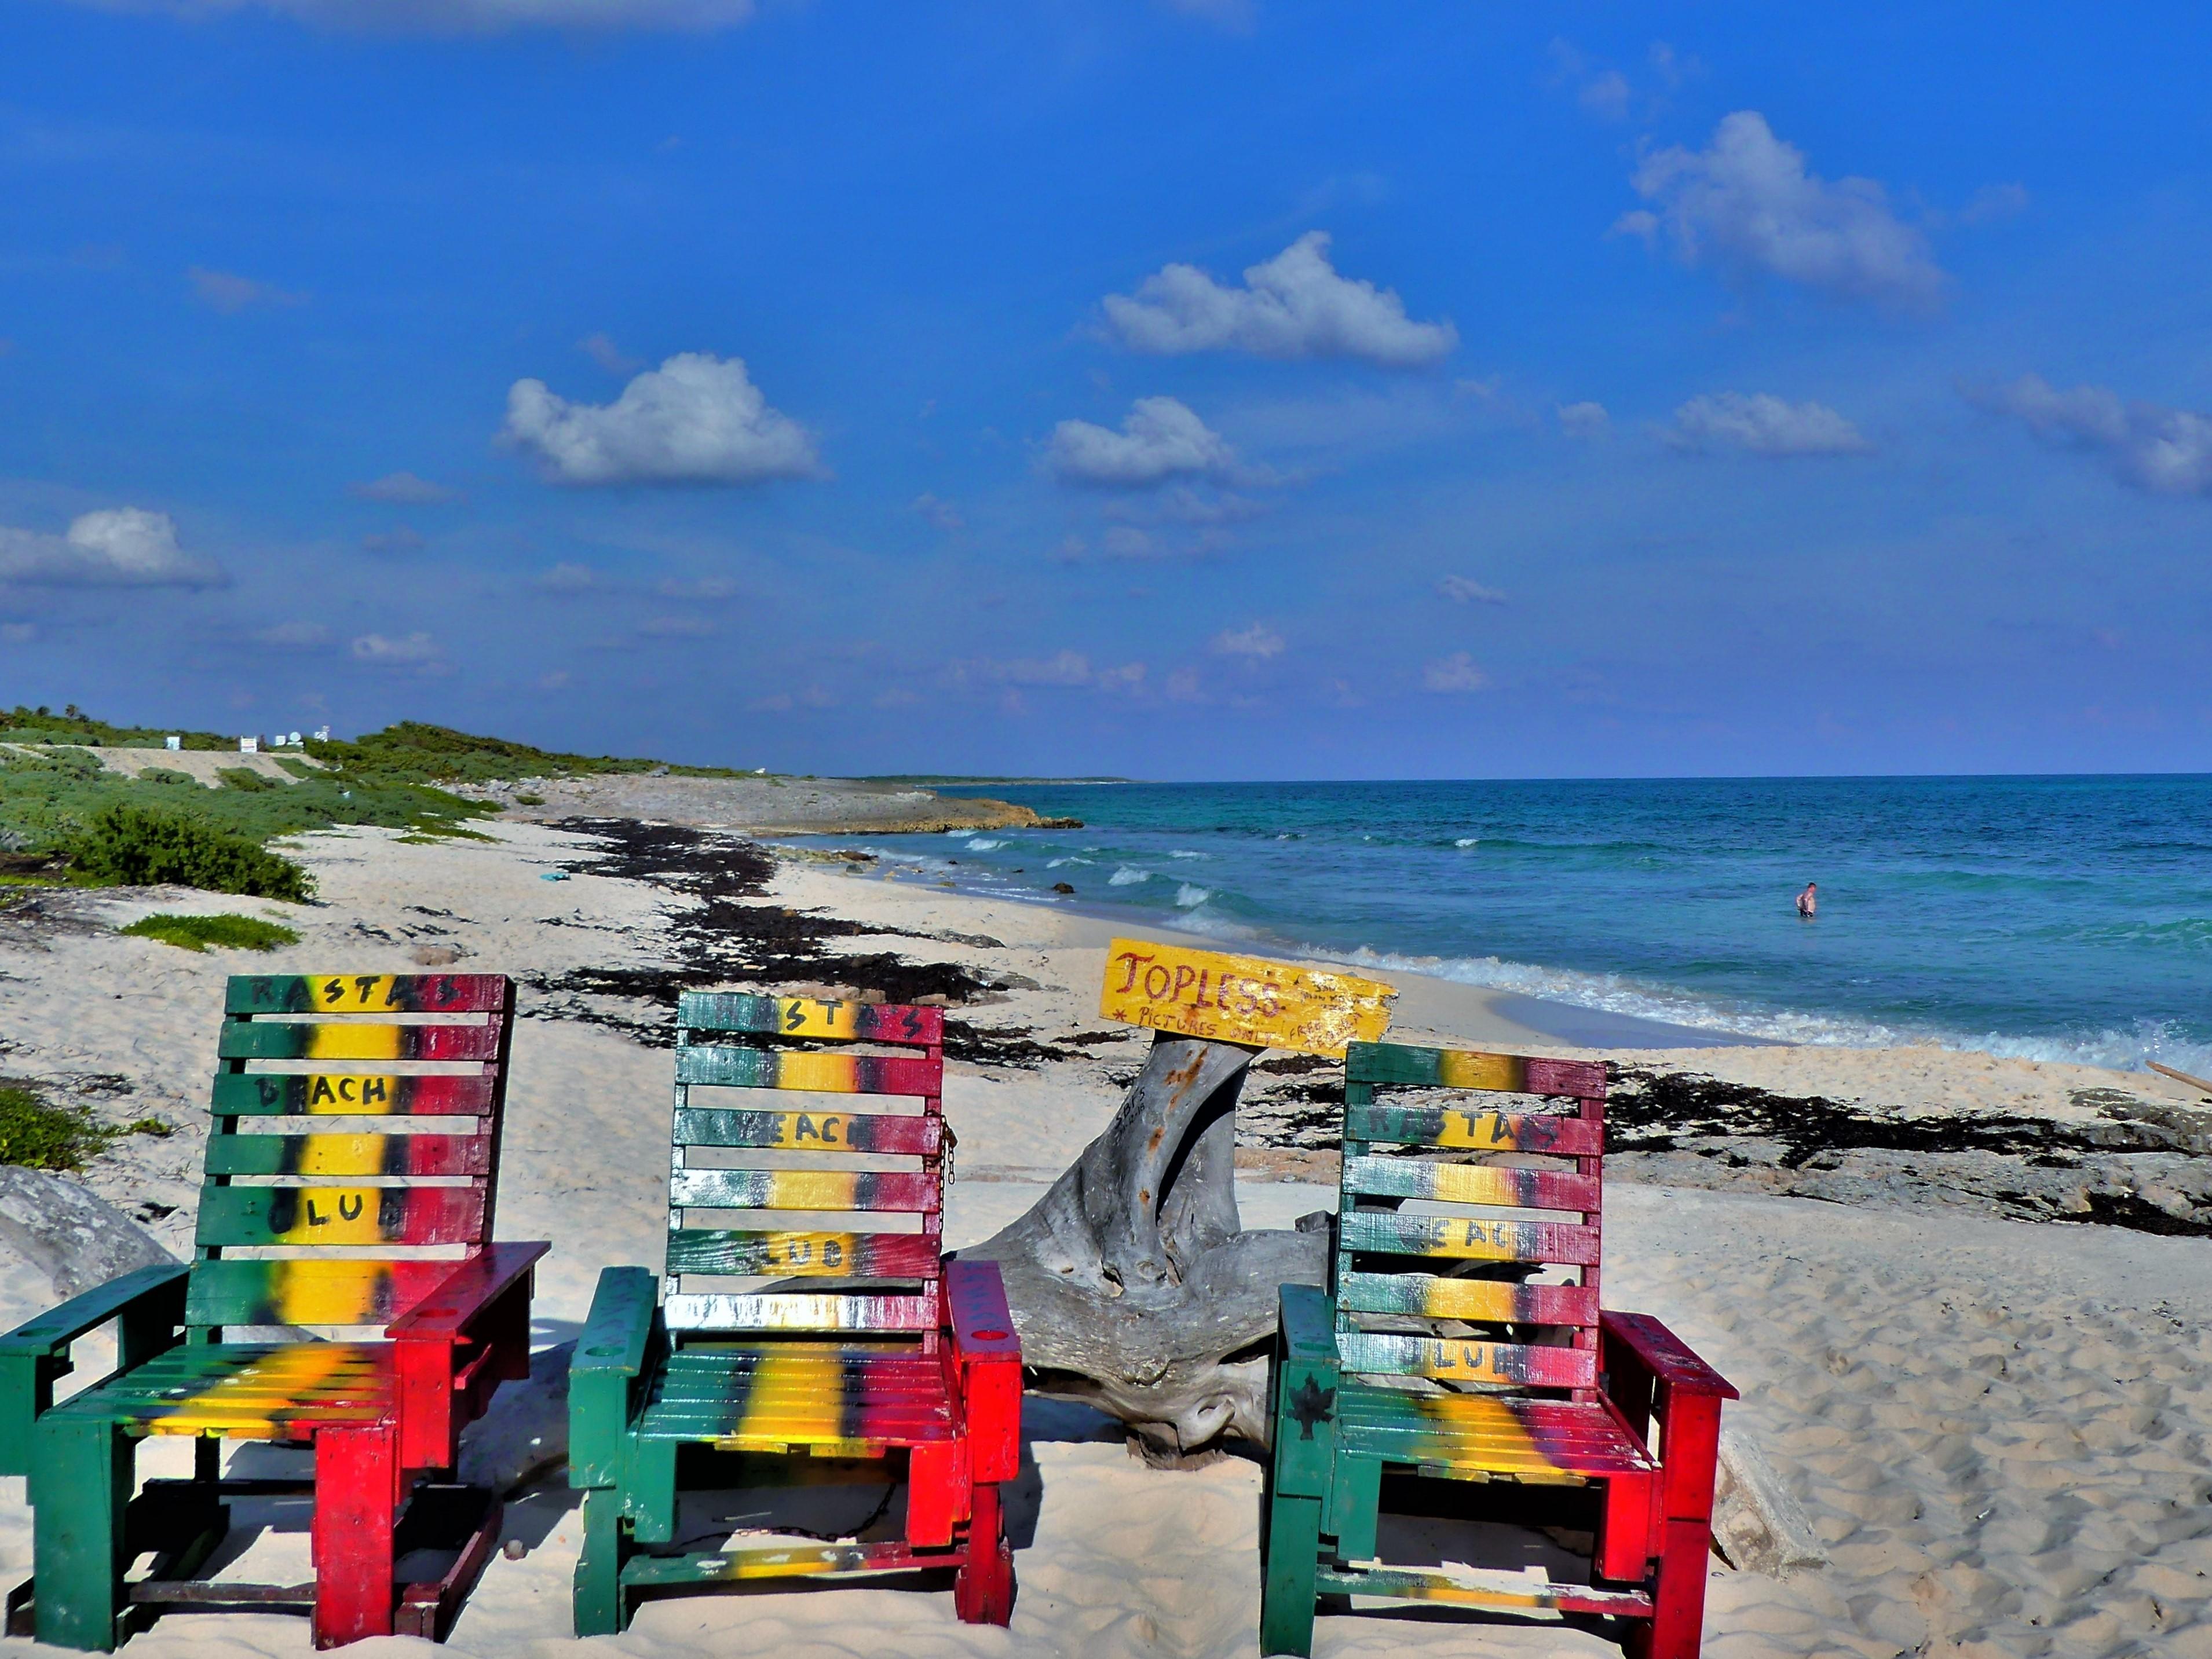 rasta's beach club chairs1